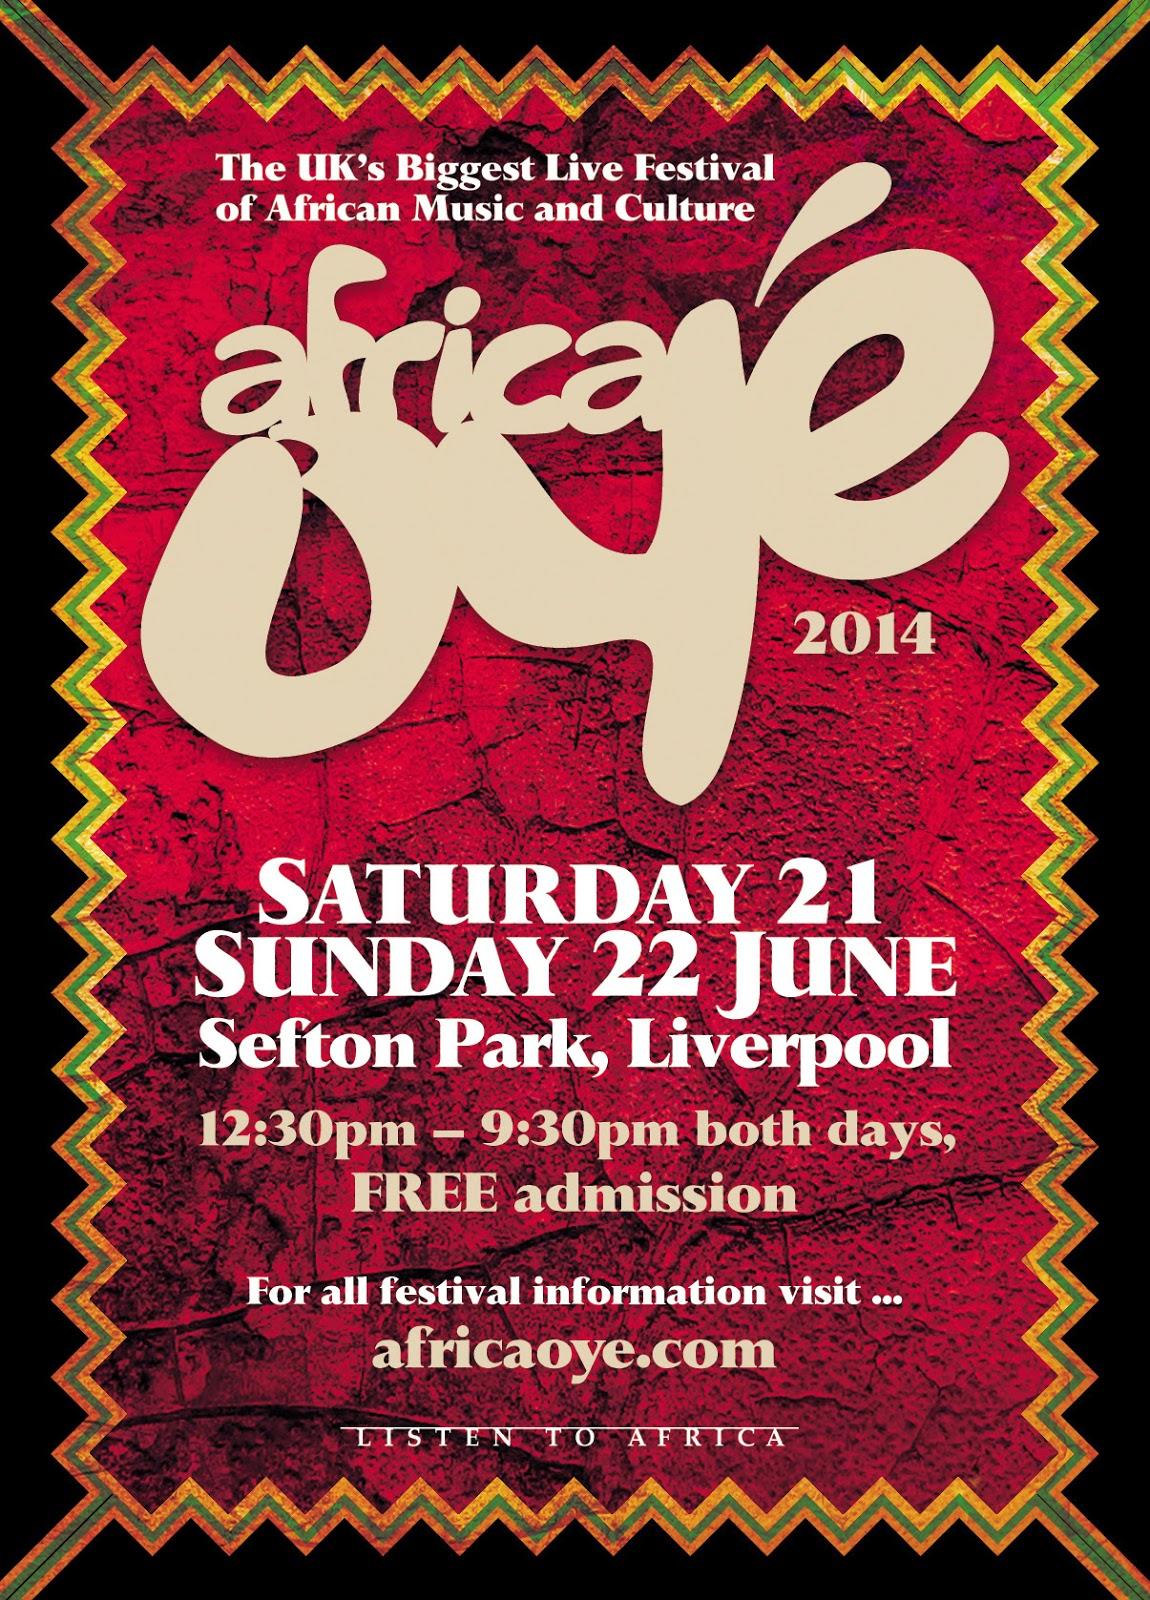 Africa Oye Line Up 2014 Festival